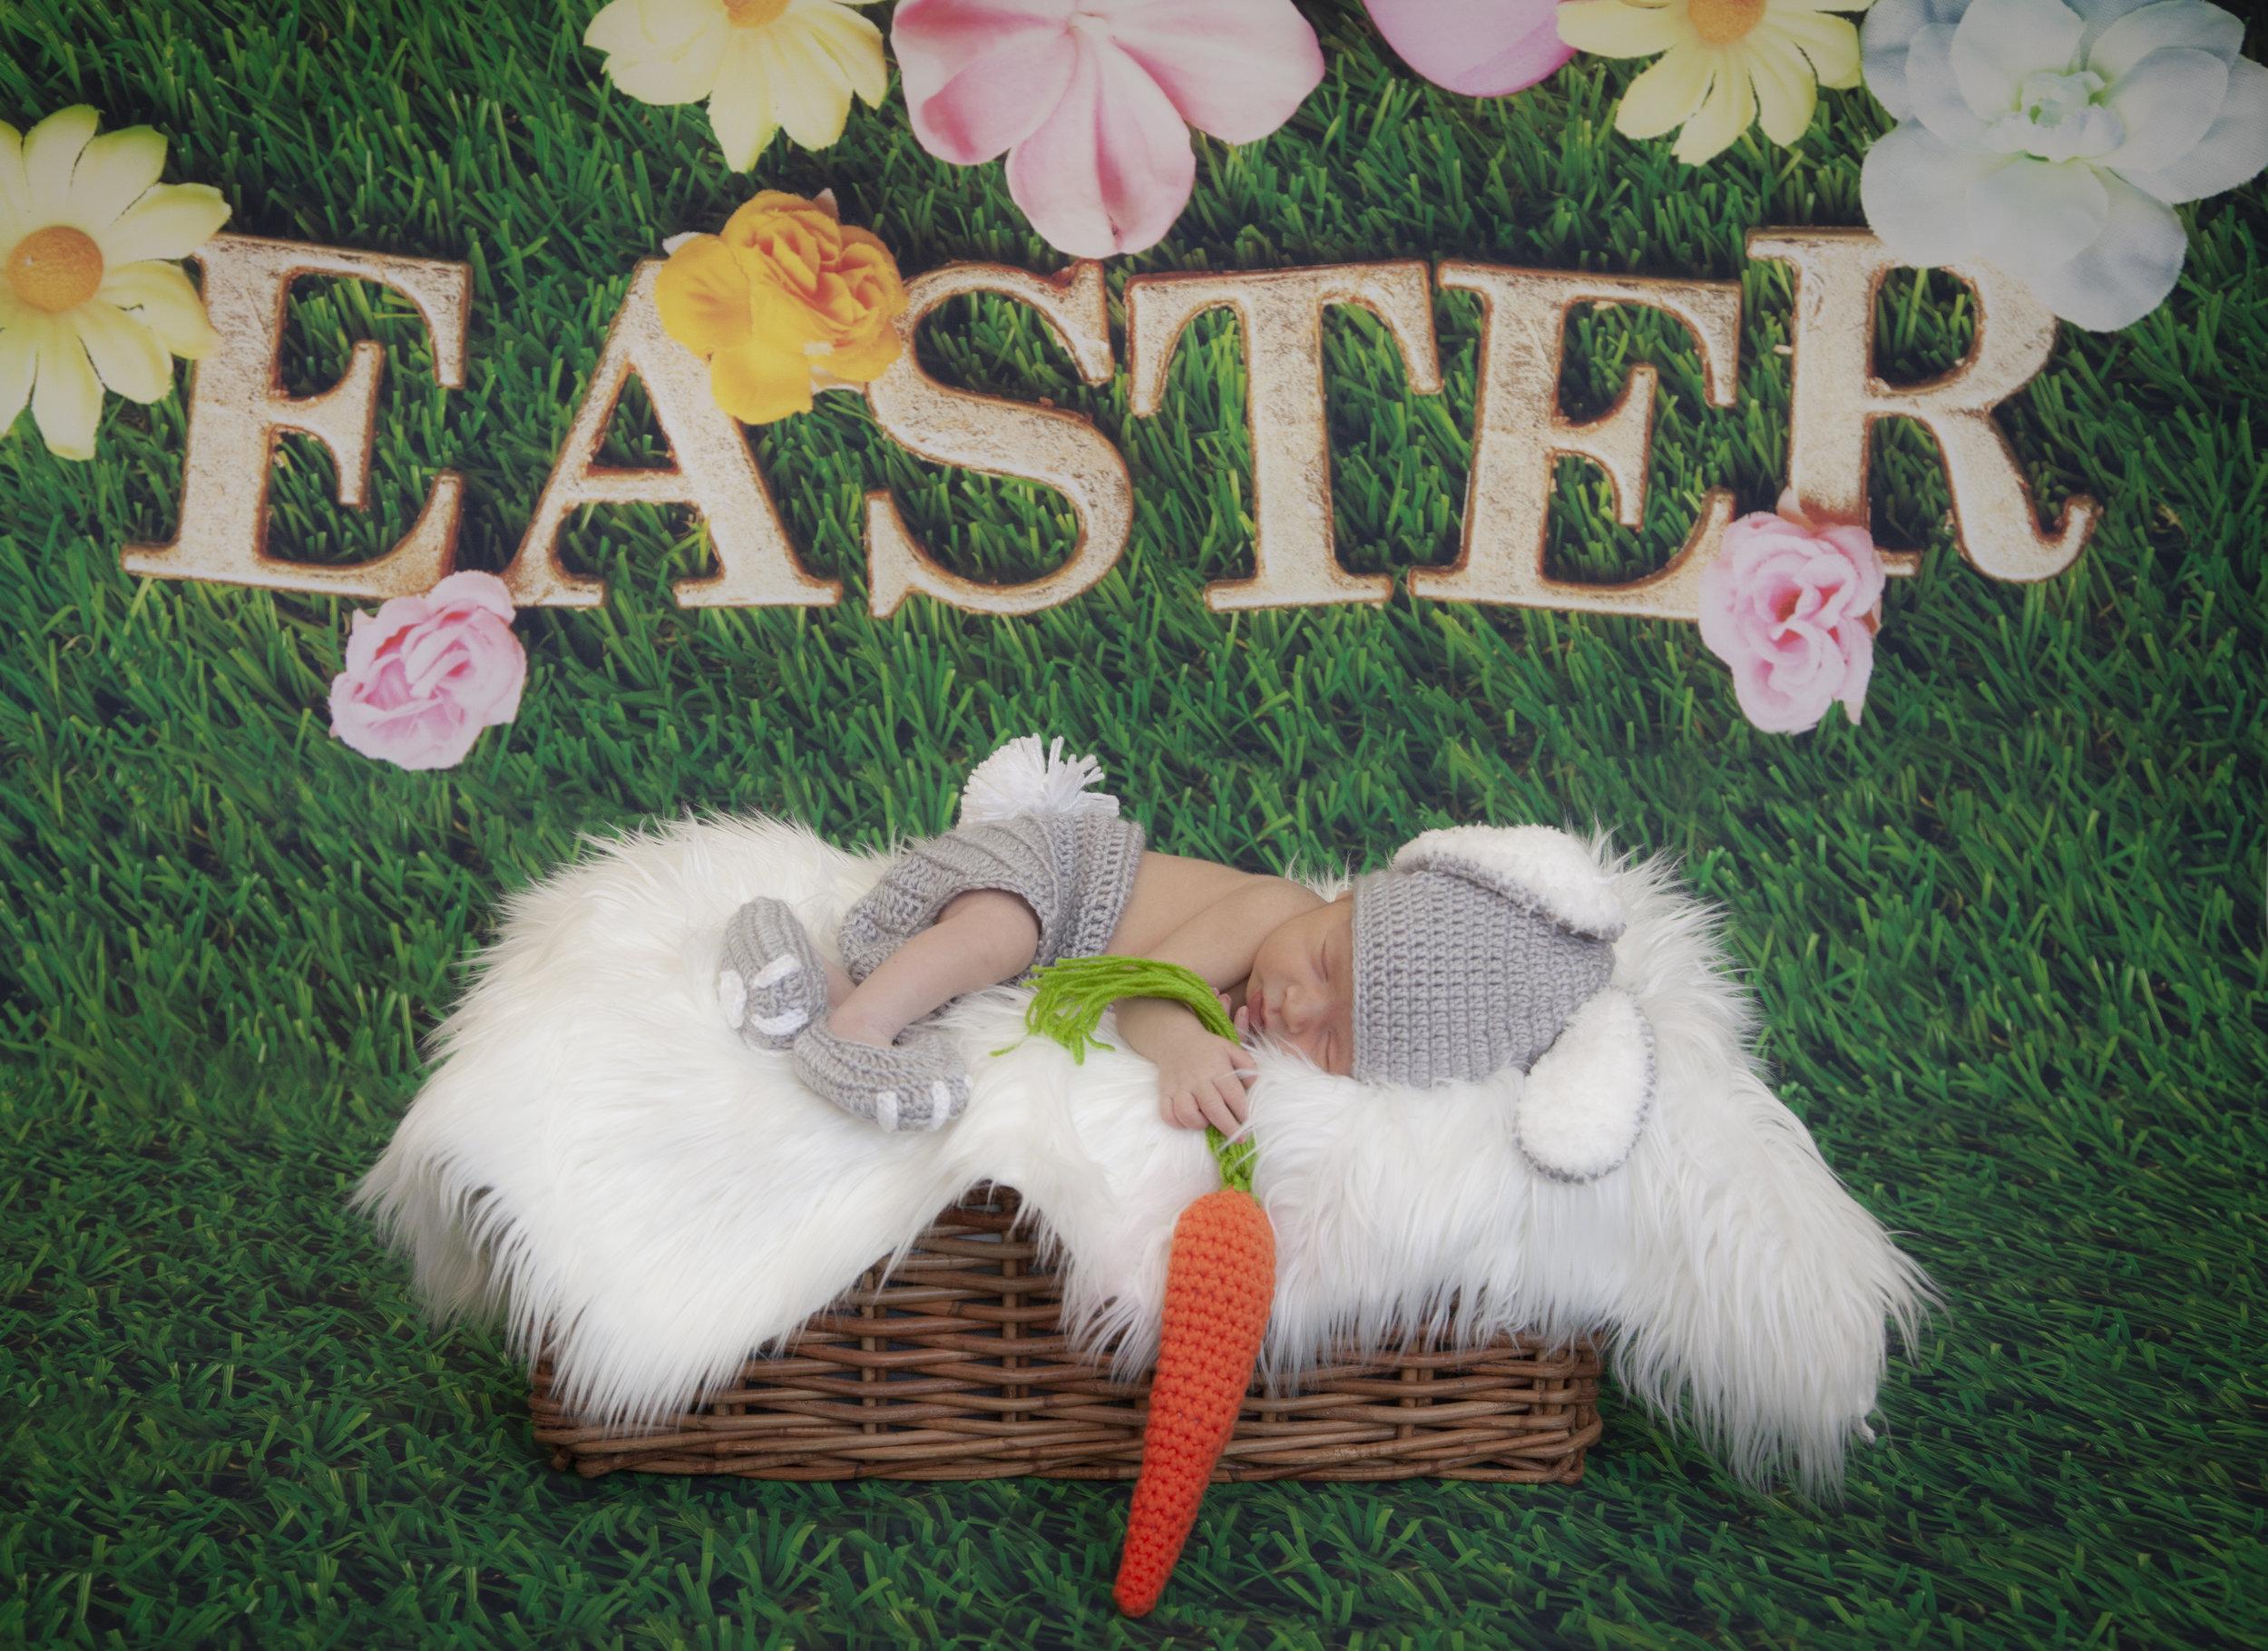 Faught-Easter-02.jpg